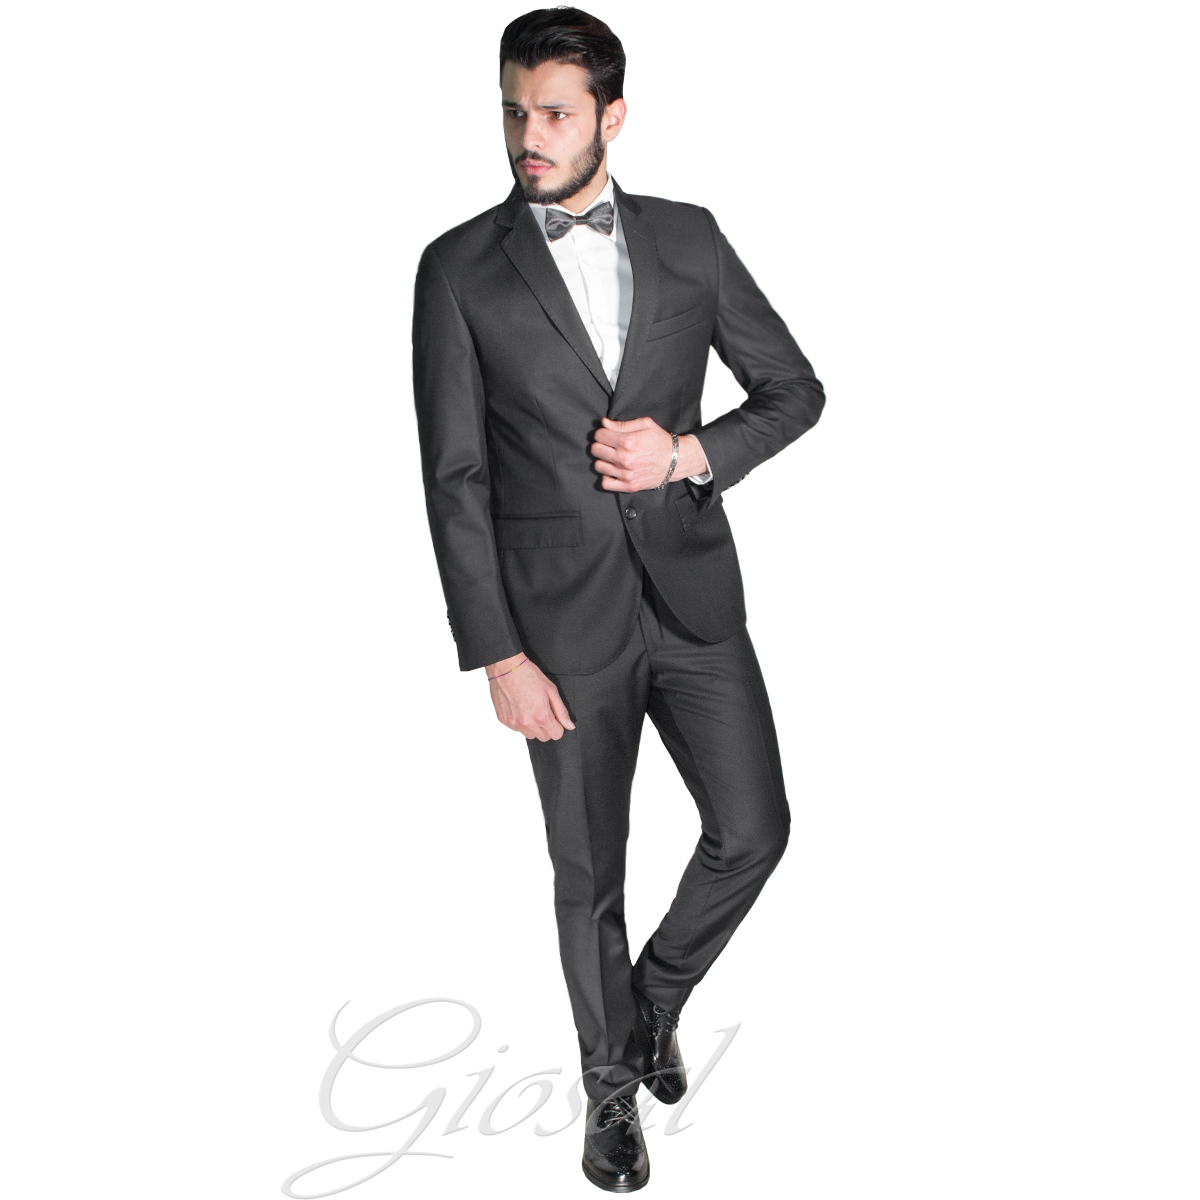 Vestiti Eleganti Uomo Grigio.Abito Elegante Uomo Vestito Grigio Scuro Classico Tasche Taschino